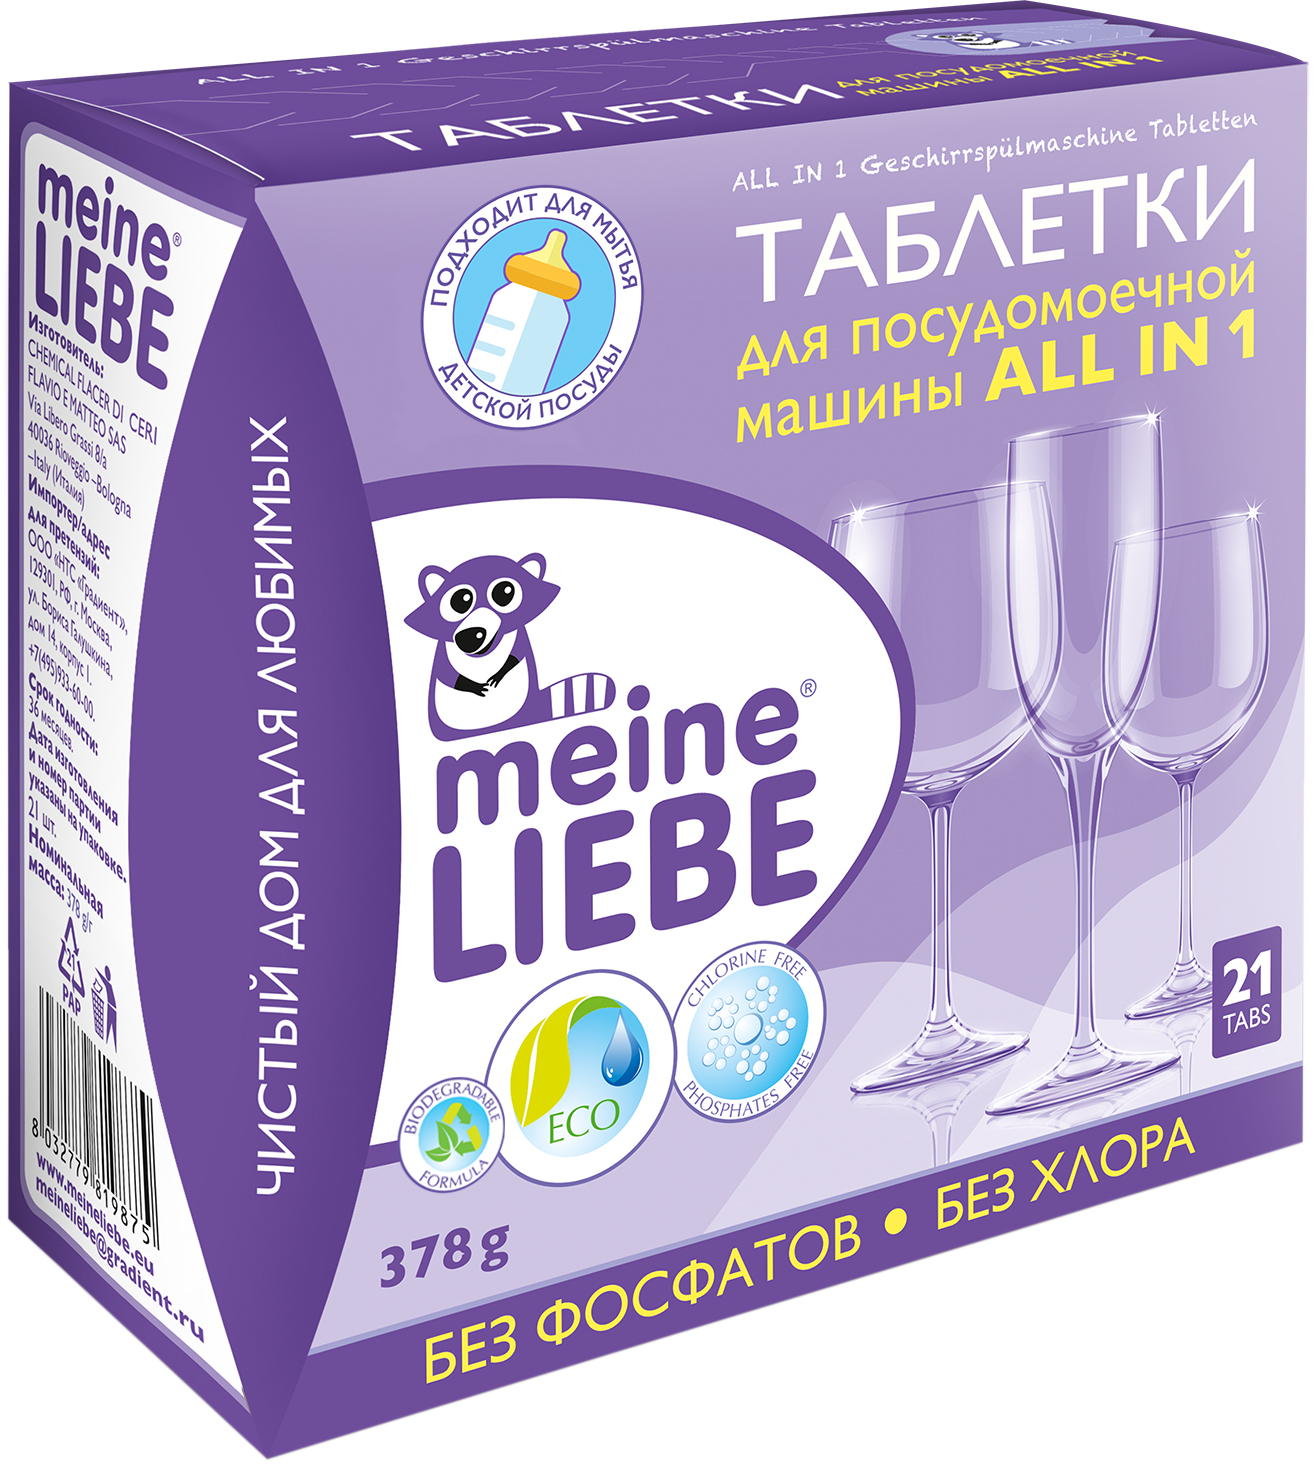 Бытовая химия Meine Liebe Liebe «All in 1» 21 шт. meine liebe таблетки для посудомоечной машины all in 1